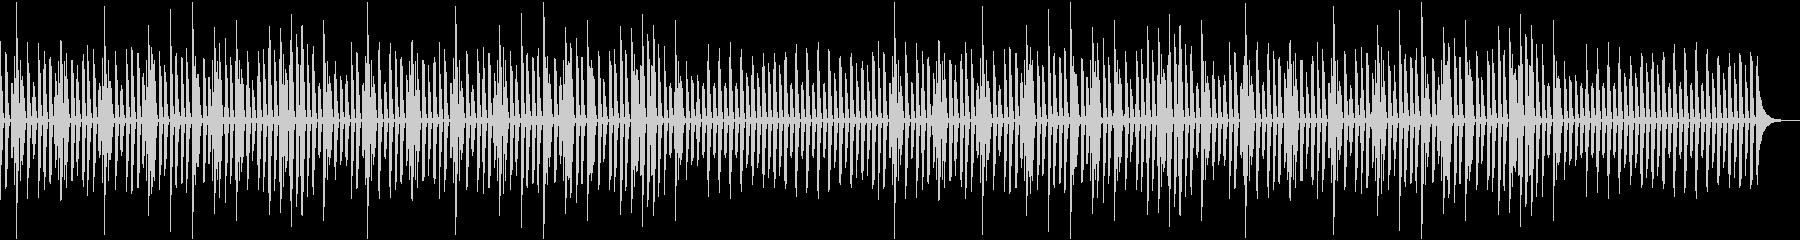 会話・トーク・かわいい・ピアノソロの未再生の波形